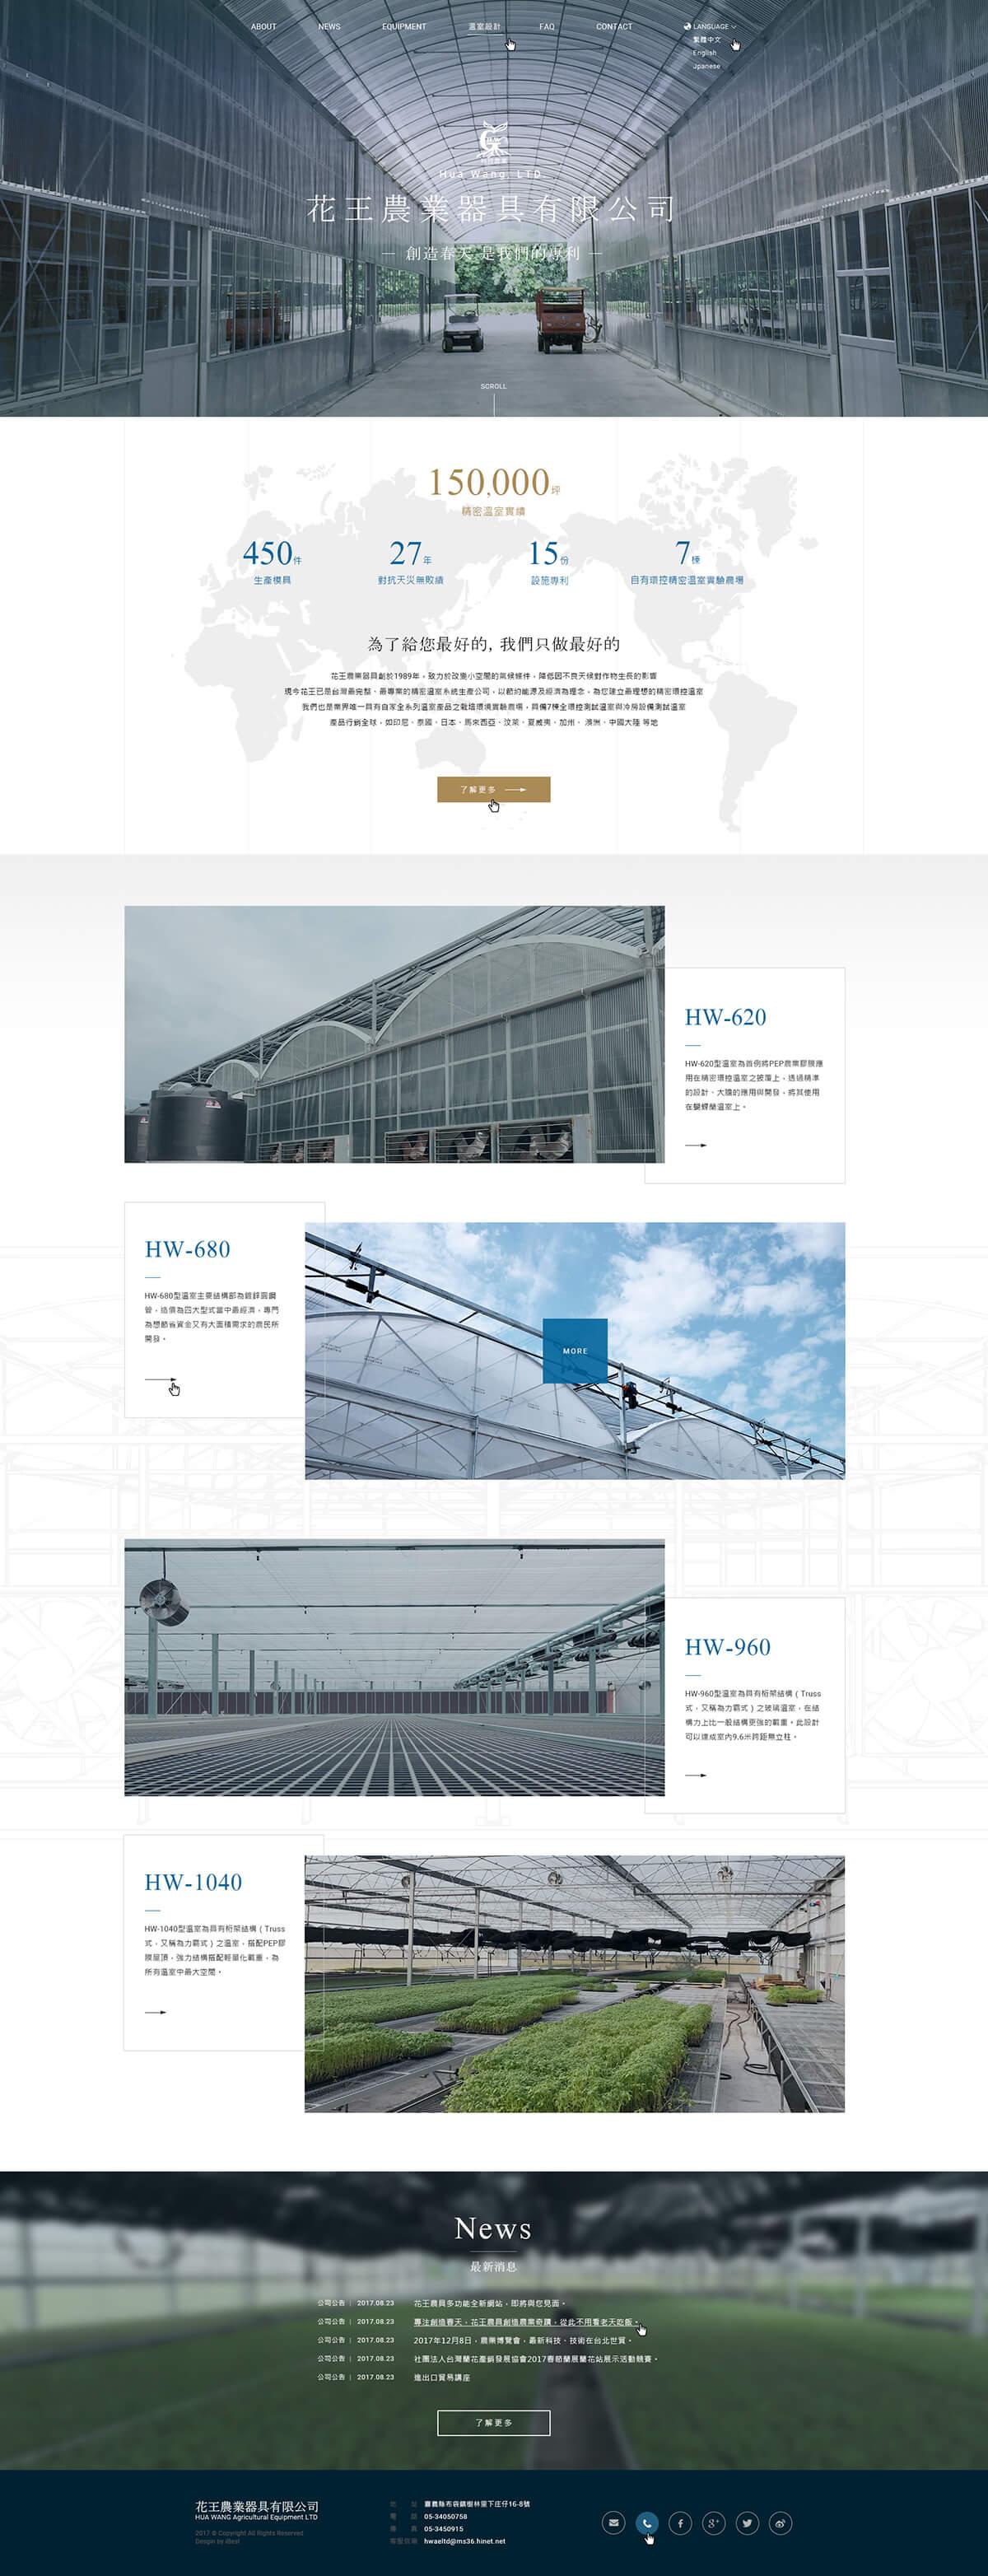 花王農業器具有限公司-網頁設計